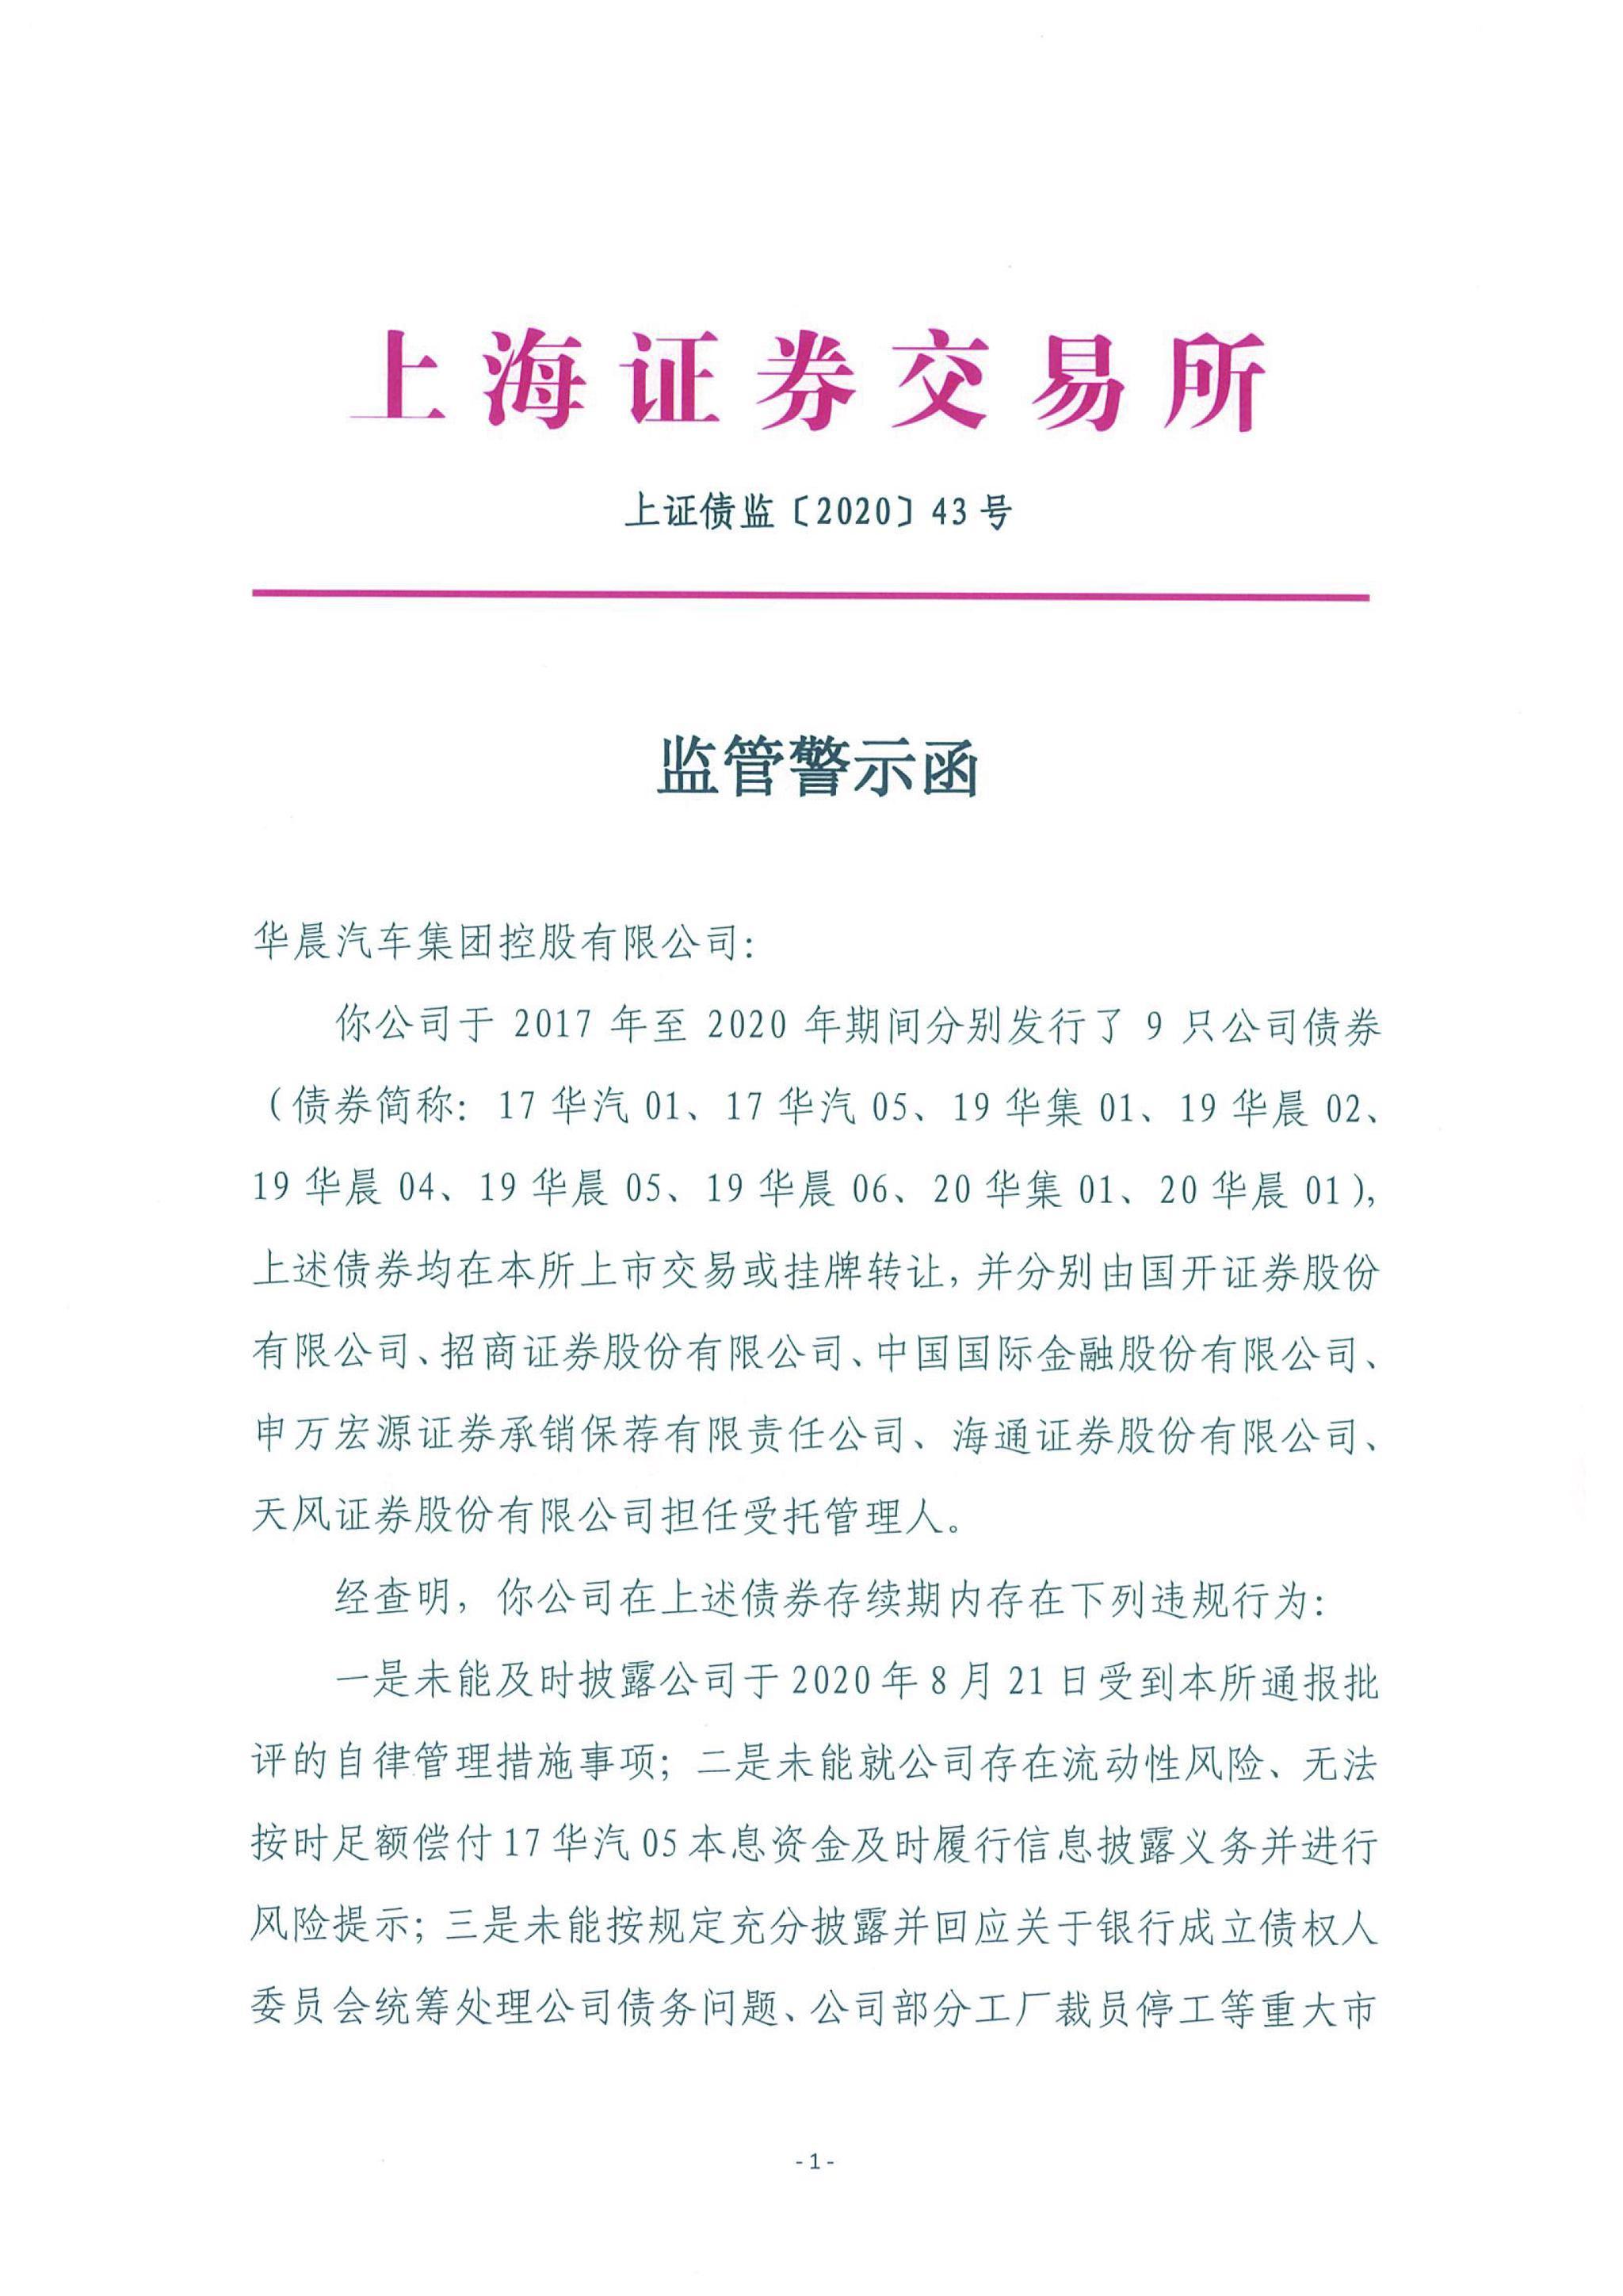 上交所对华晨汽车发监管警示函:切实保障债券持有人合法权益